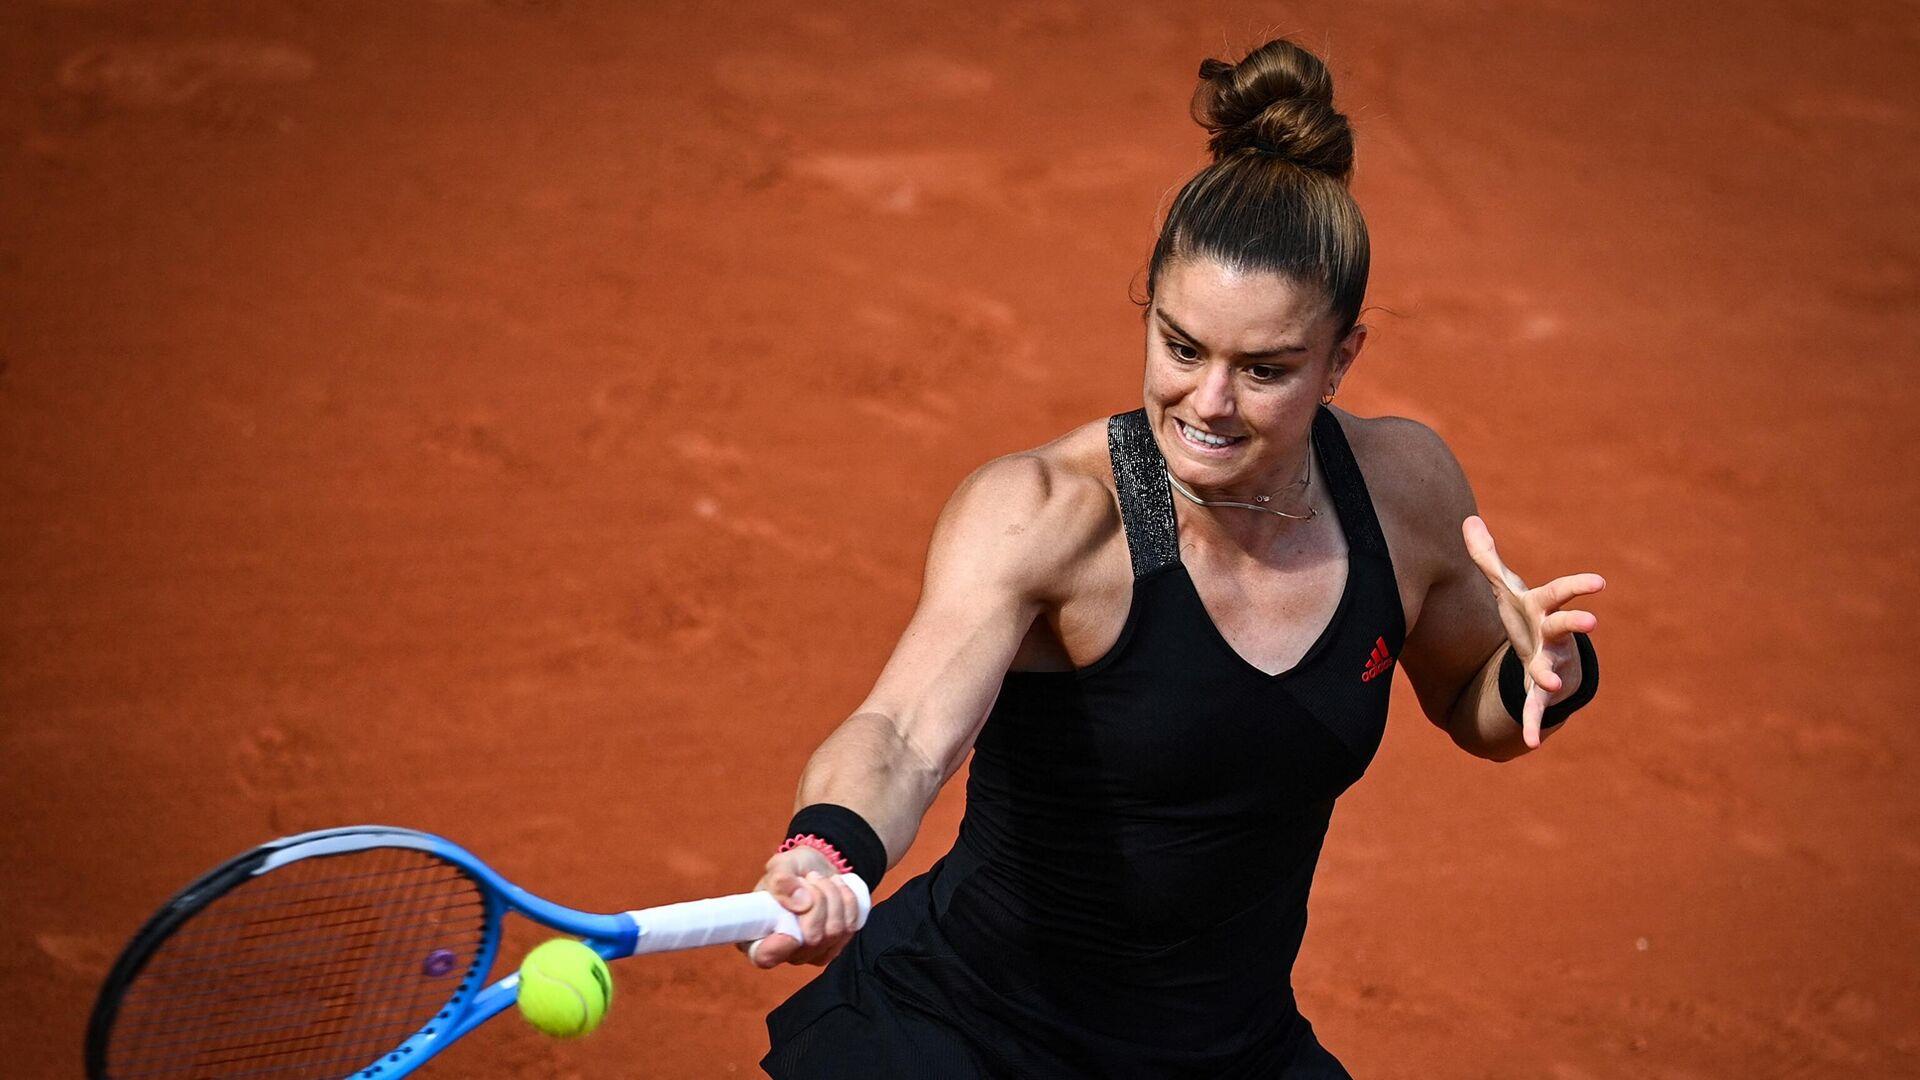 Η Μαρία Σάκκαρη στο Roland Garros το 2021 - Sputnik Ελλάδα, 1920, 26.09.2021